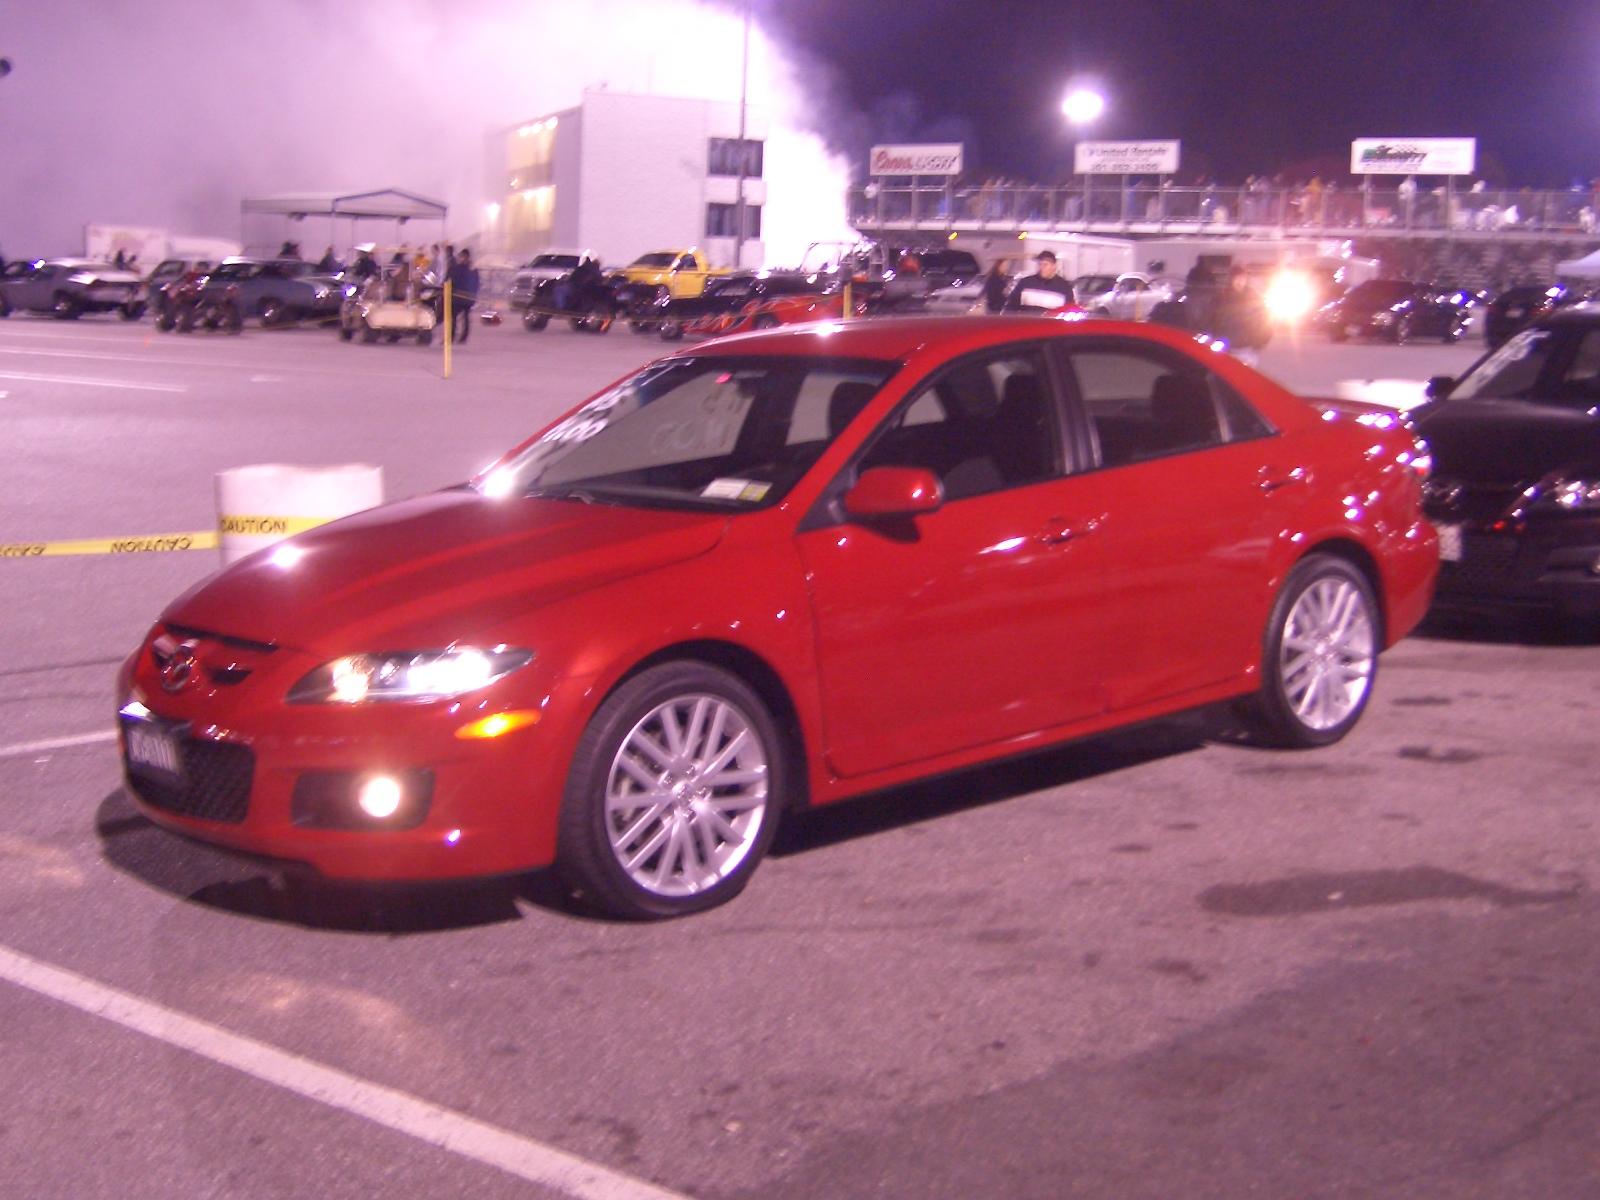 2006 Mazda 6 Speed 1 4 mile Drag Racing timeslip specs 0 60